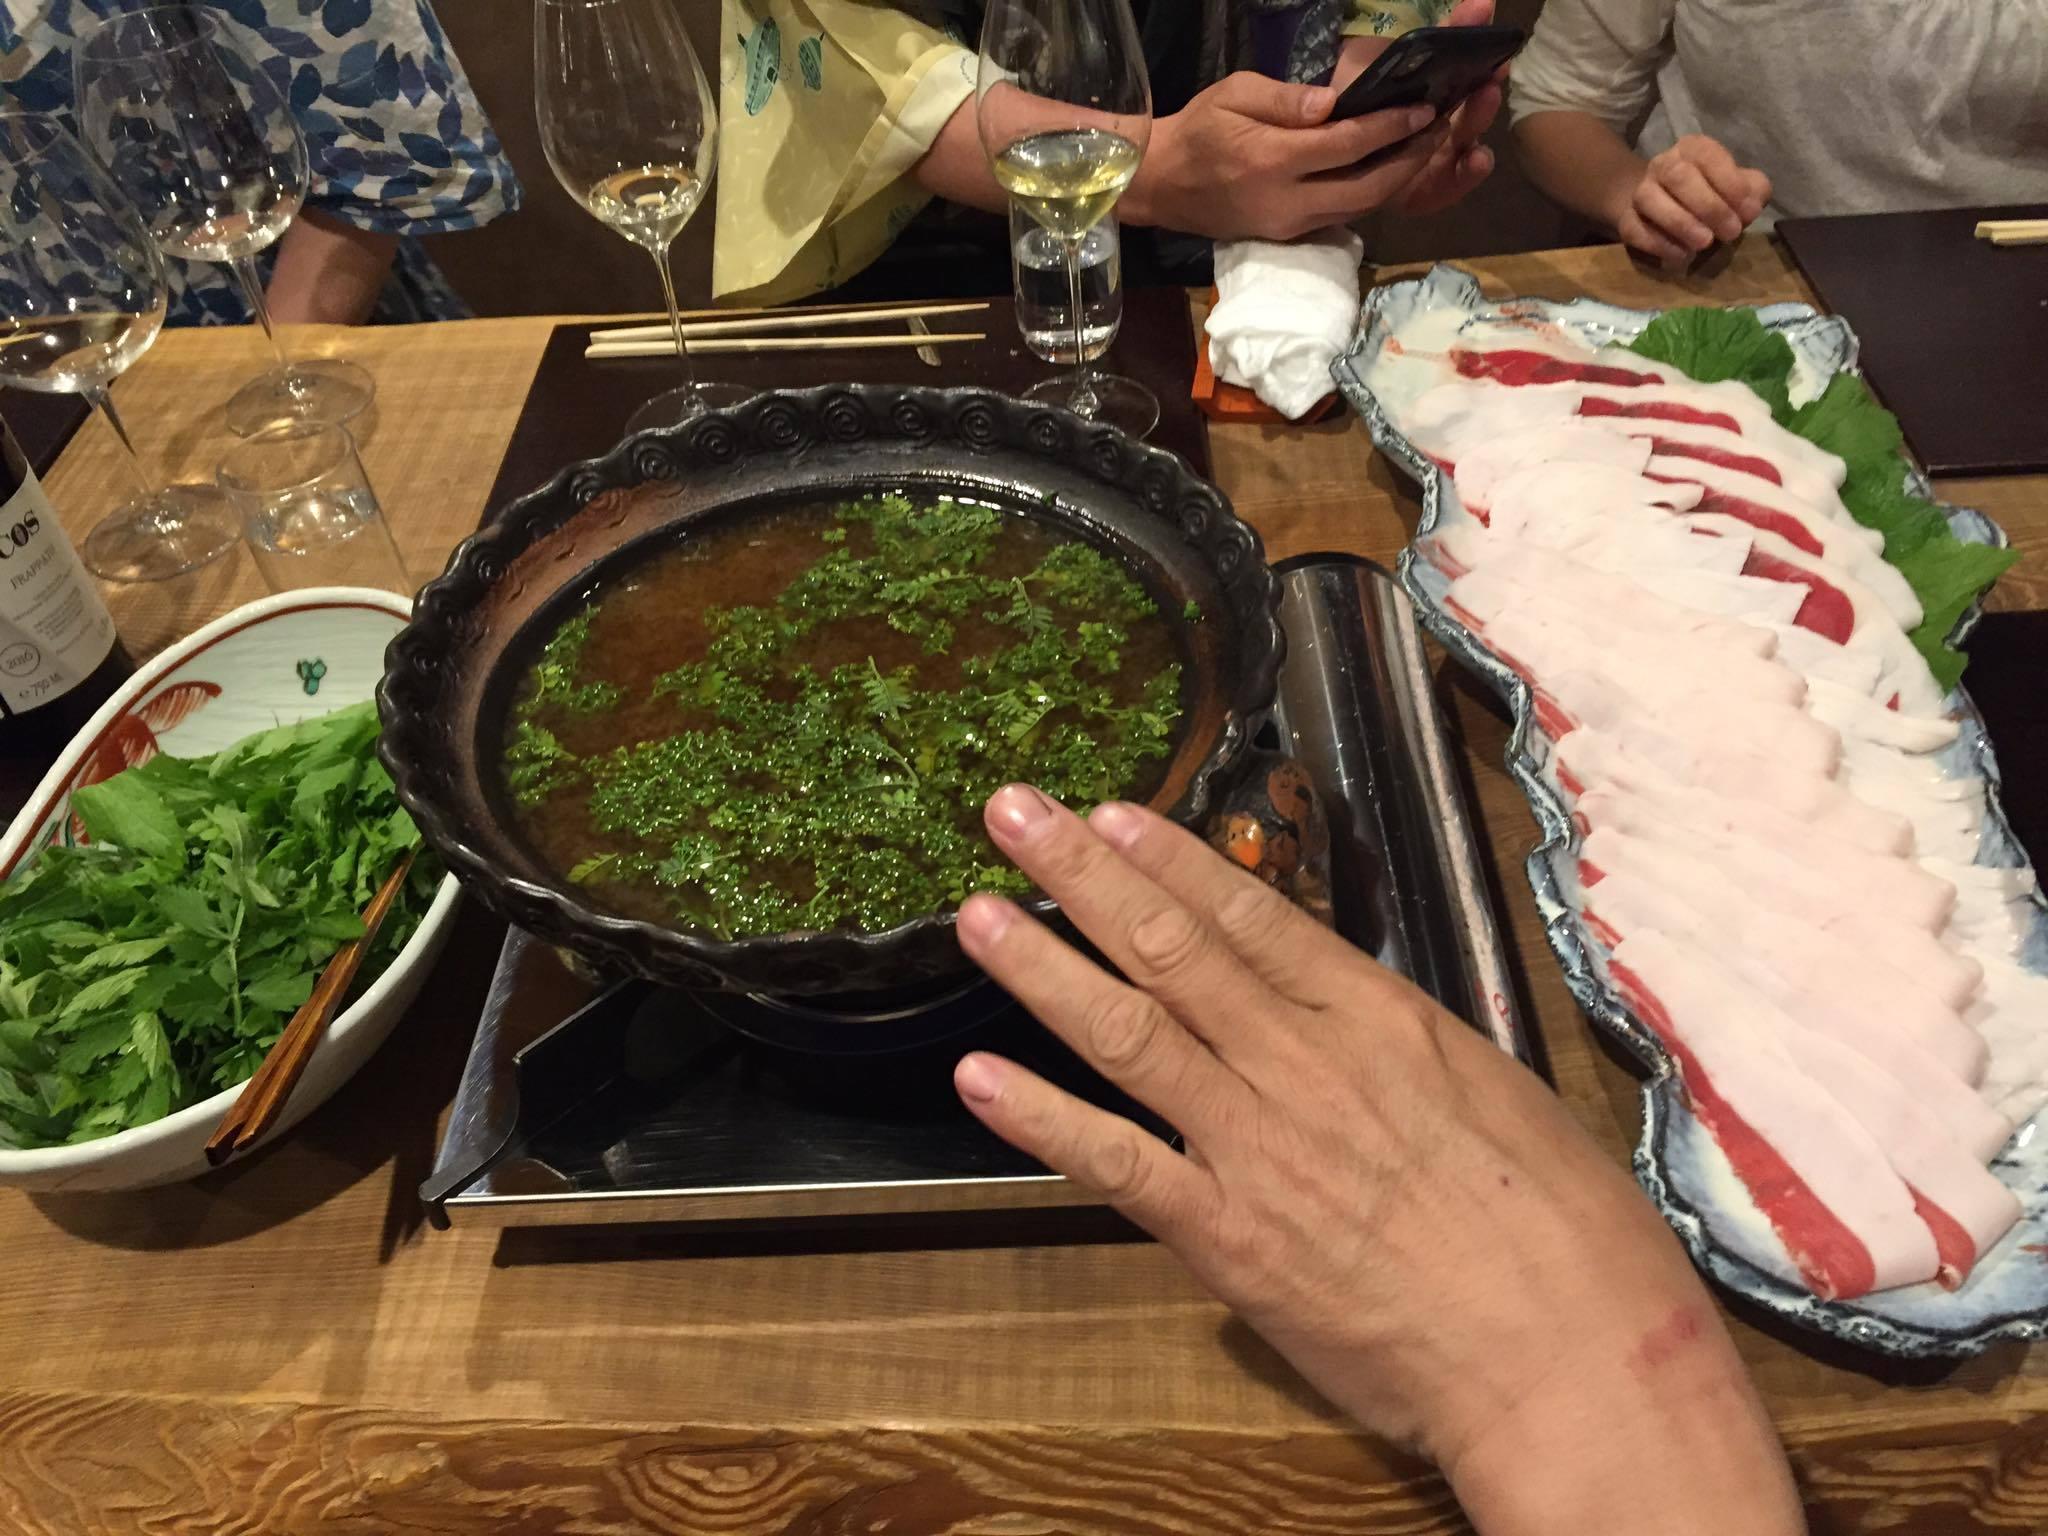 20190507 徳山鮓 熊肉花山椒鍋を味わう_d0145345_21582370.jpg